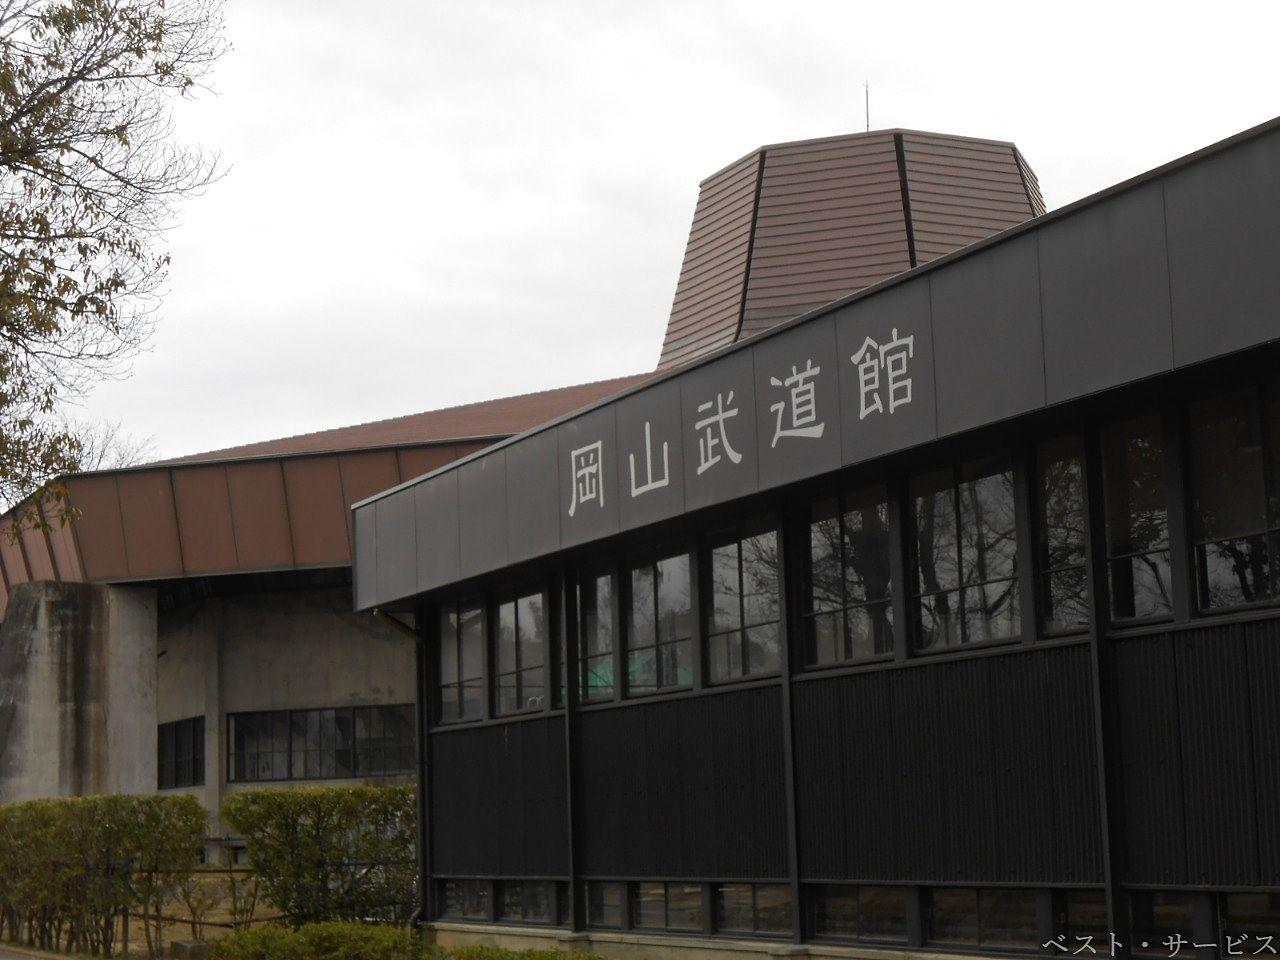 岡山県総合グラウンド 武道館 徒歩4分